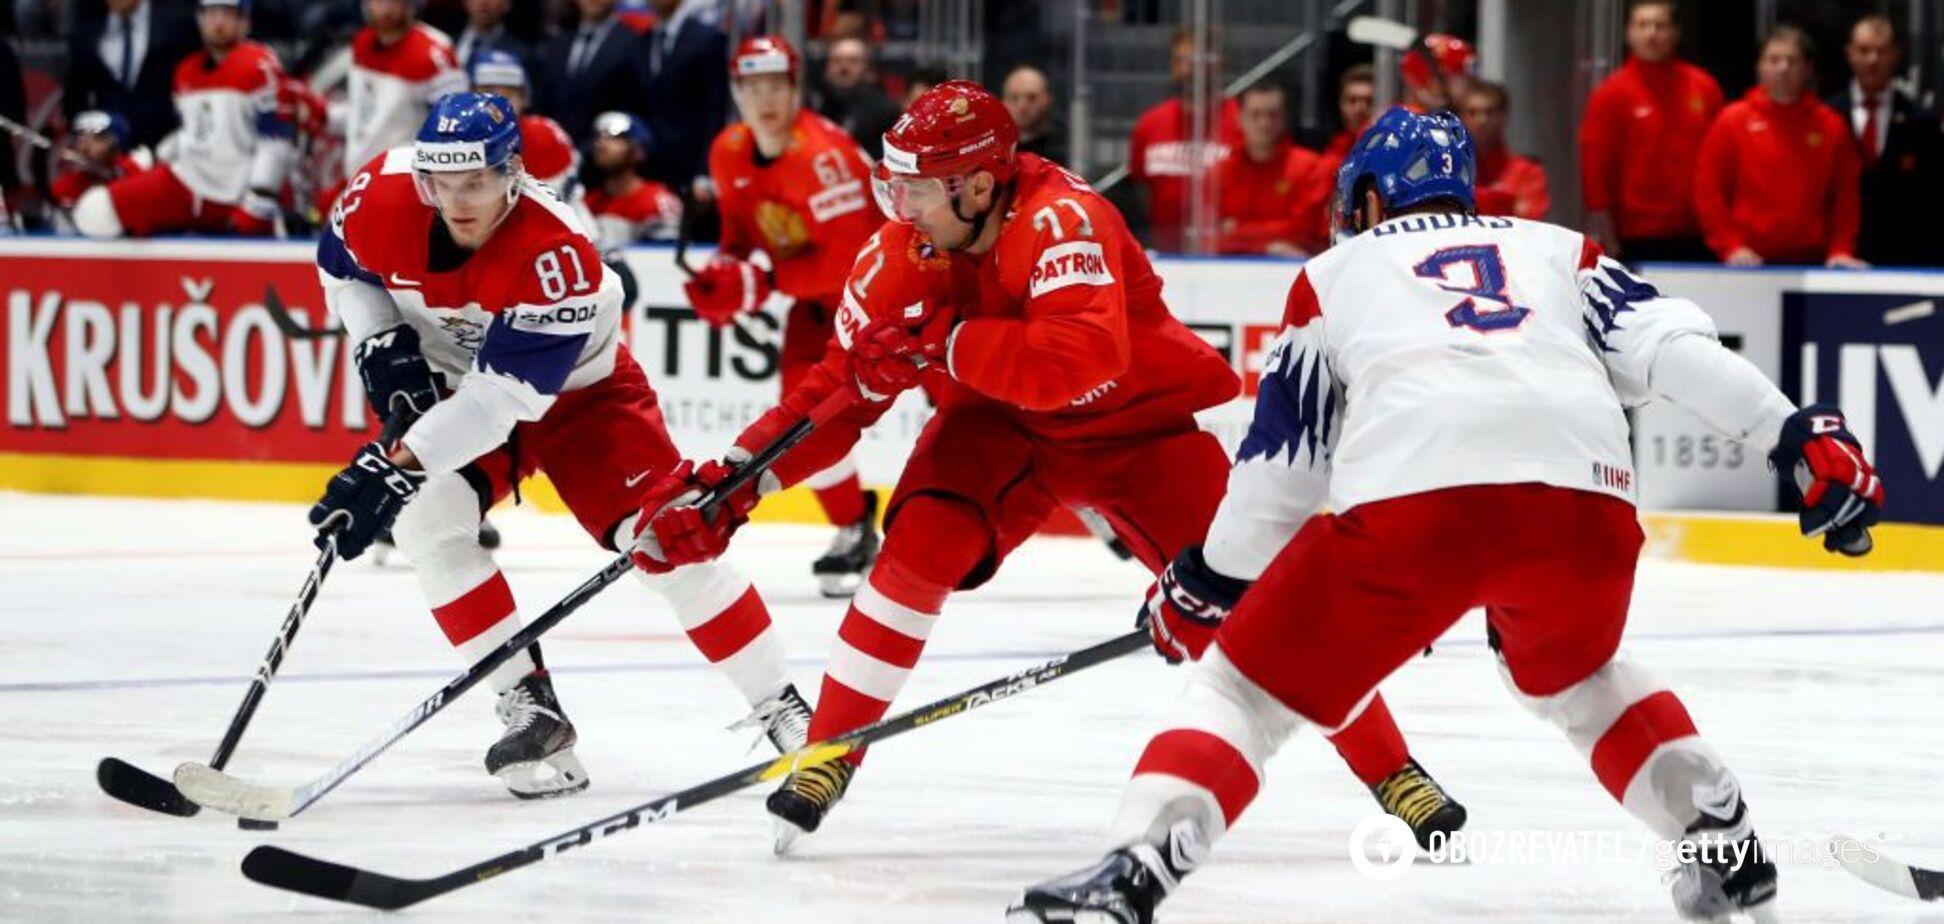 Росія з великими труднощами здобула 'бронзу' чемпіонату світу з хокею